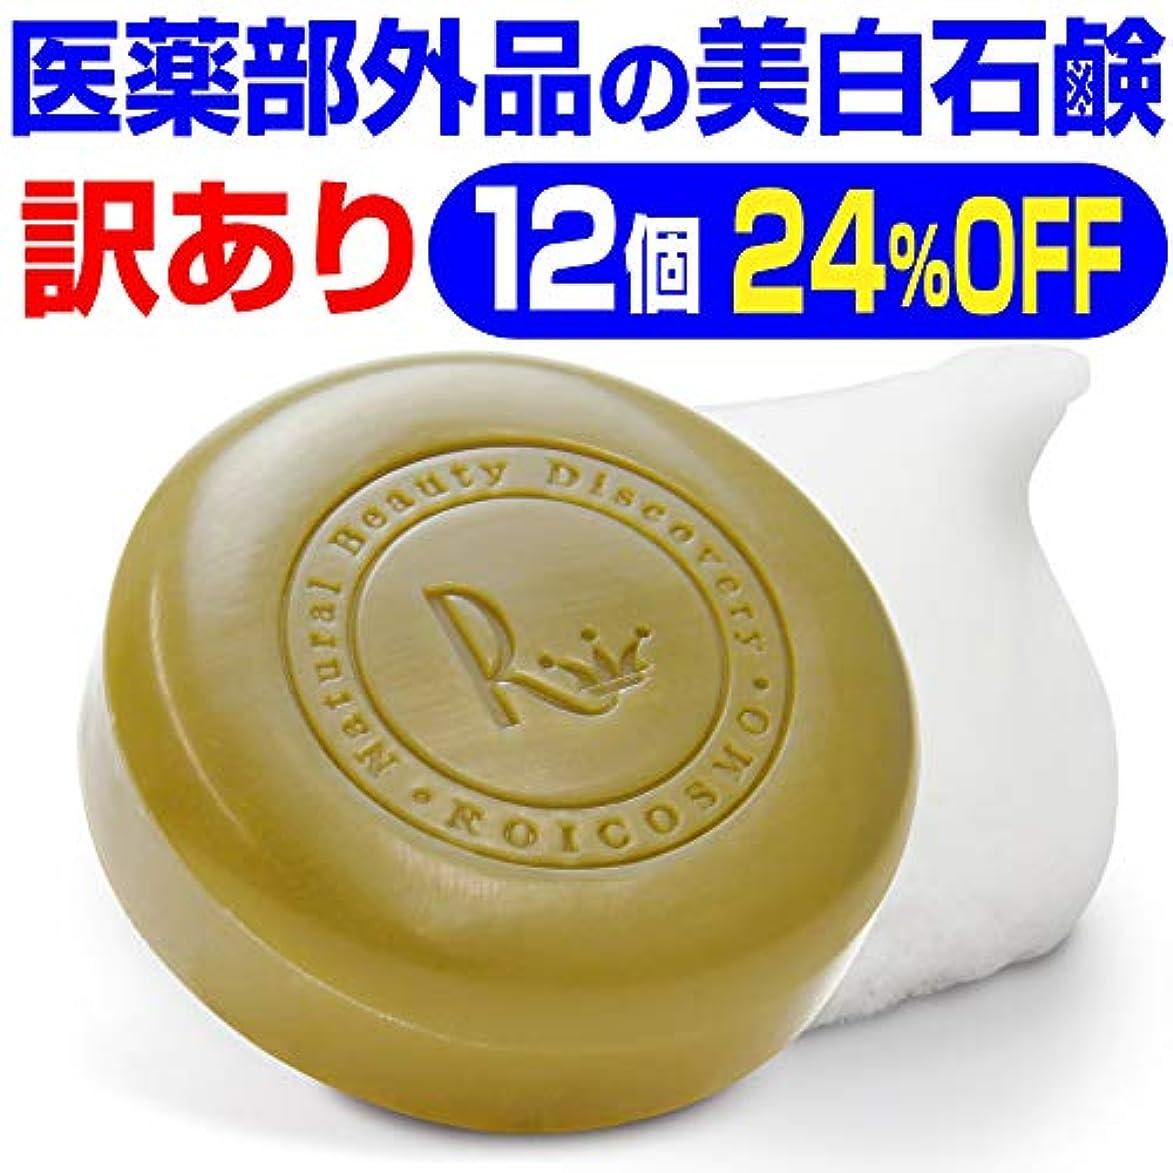 協力調子端末訳あり24%OFF(1個2,036円)売切れ御免 ビタミンC270倍の美白成分の 洗顔石鹸『ホワイトソープ100g×12個』